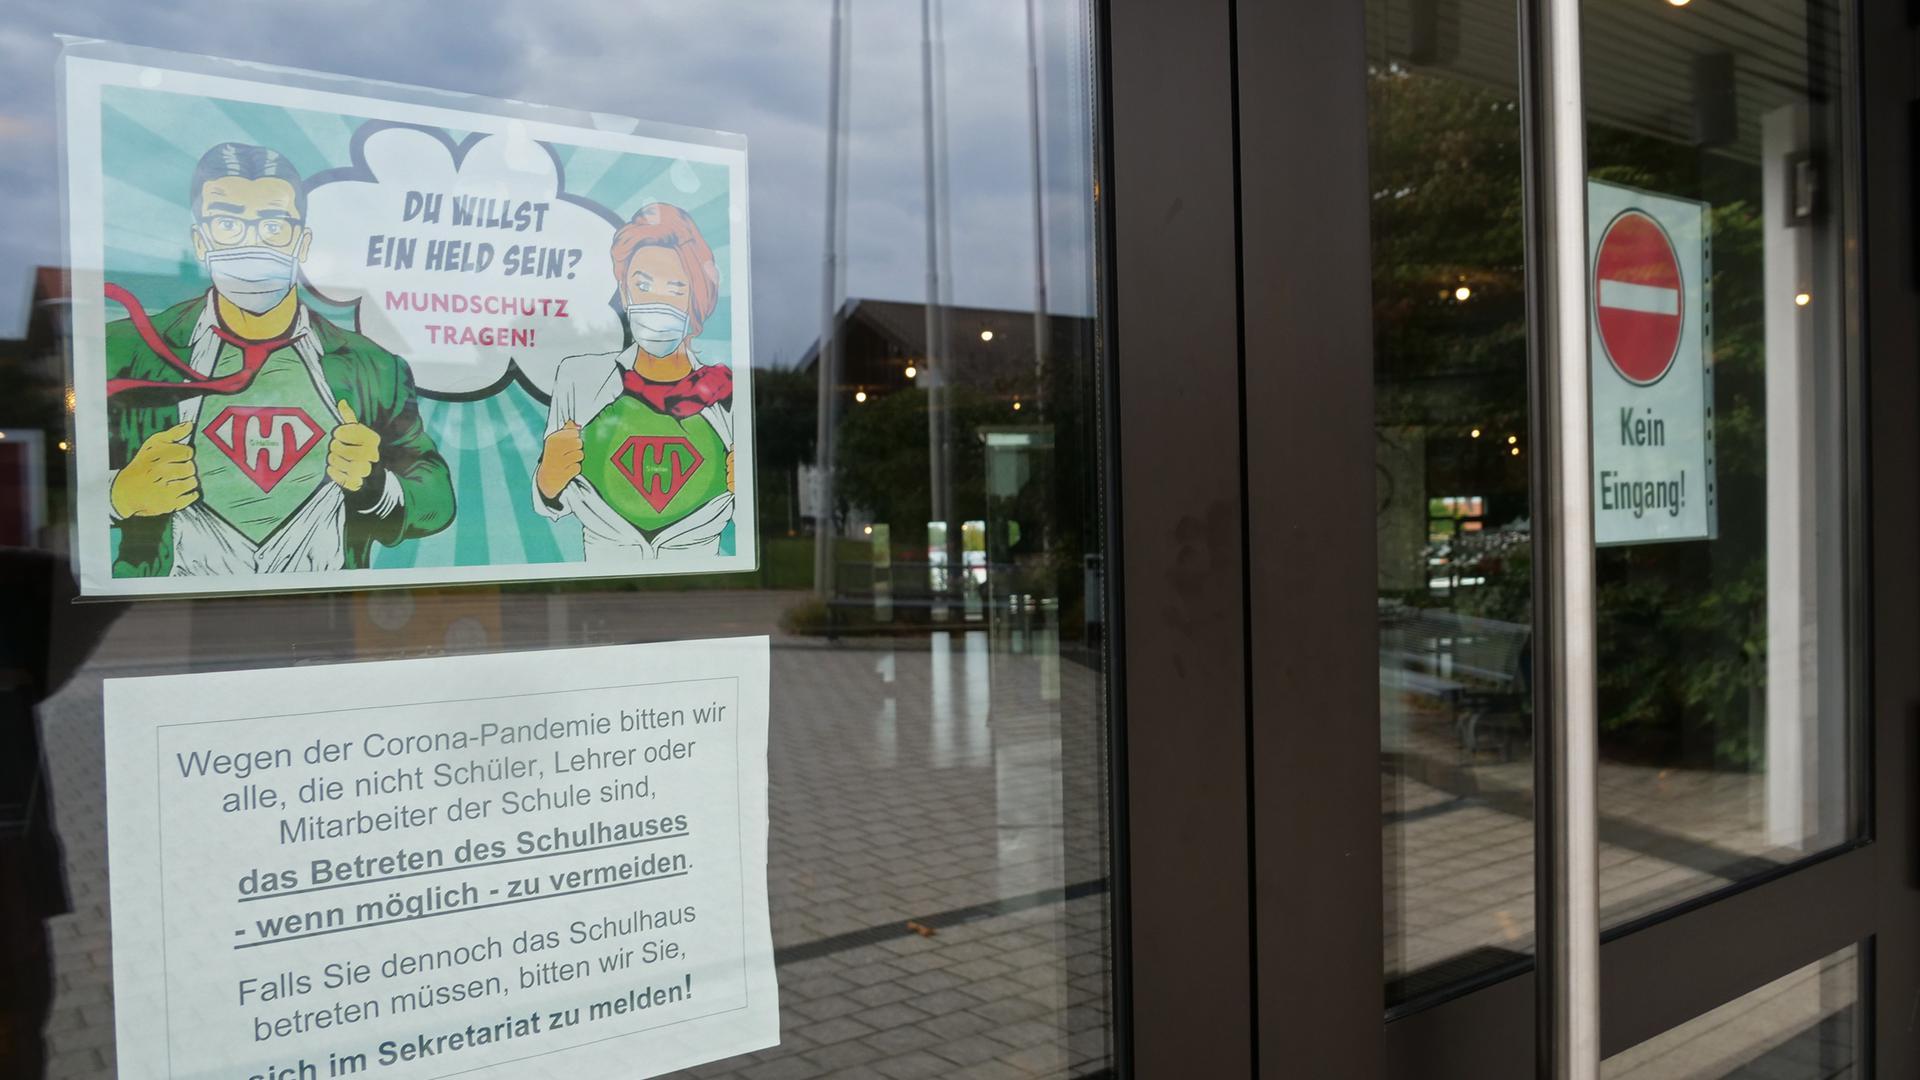 Noch heißt es Mundschutz tragen am Schiller-Gymnasium in Büchenbronn, doch auch hier entfällt bald die Pflicht